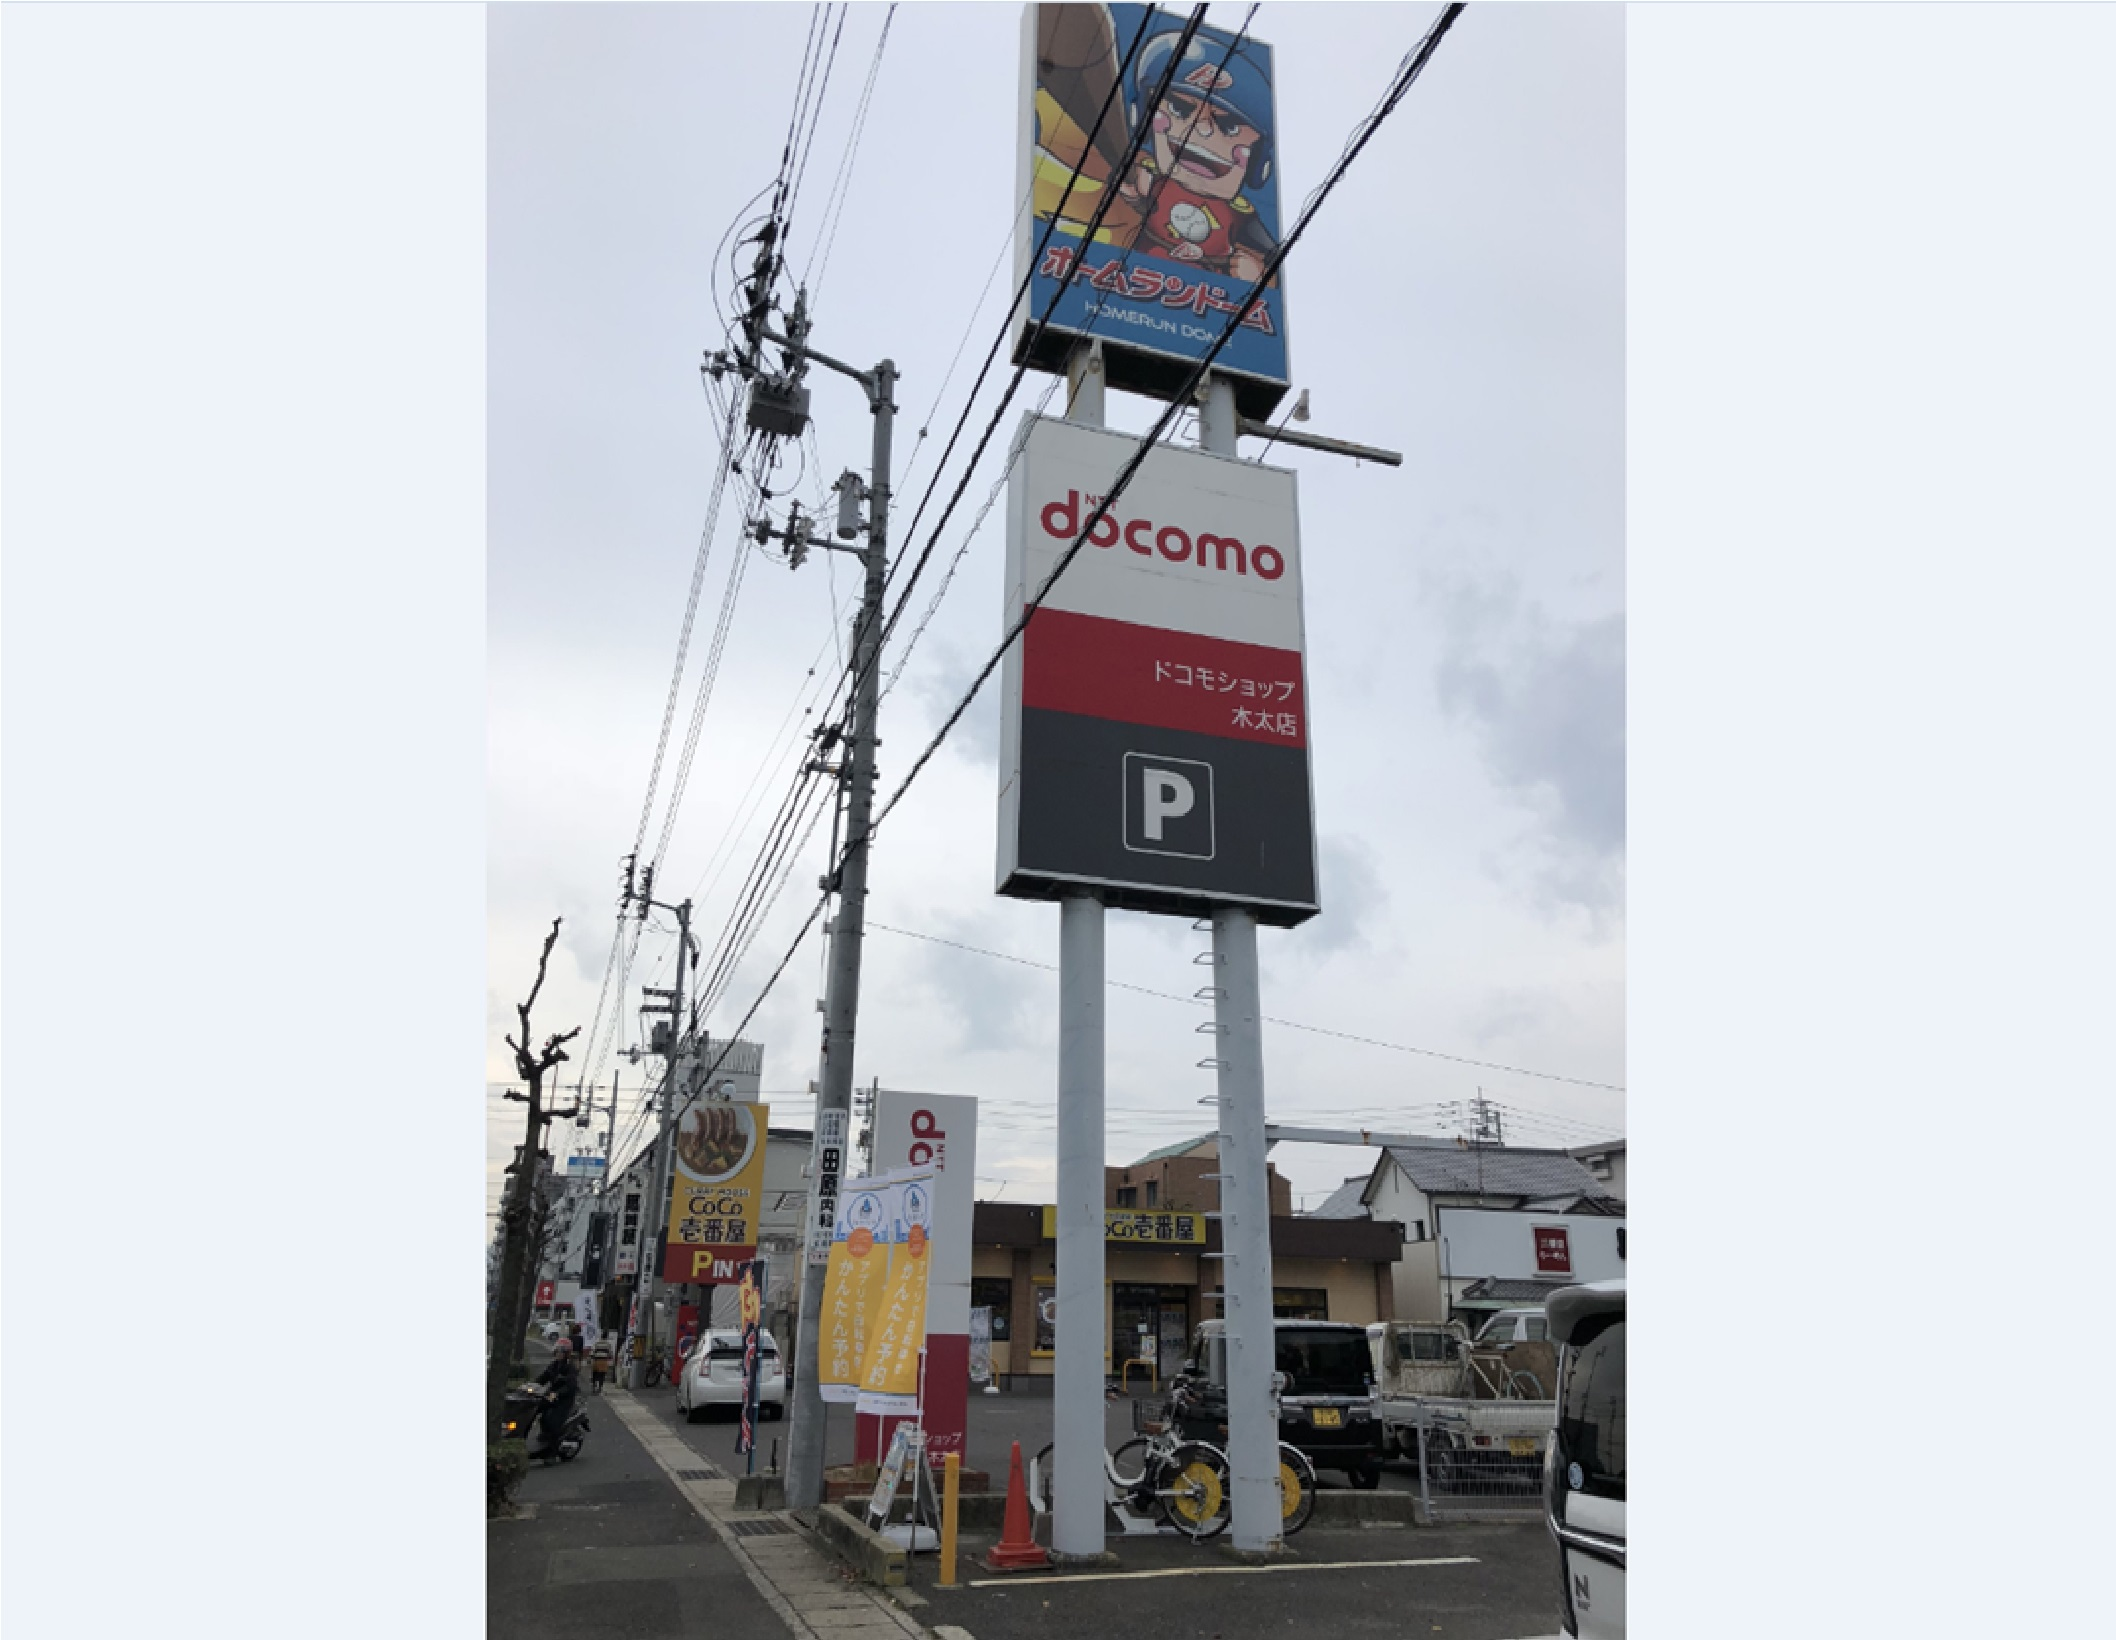 ホームランドーム高松店 (HELLO CYCLING ポート) image